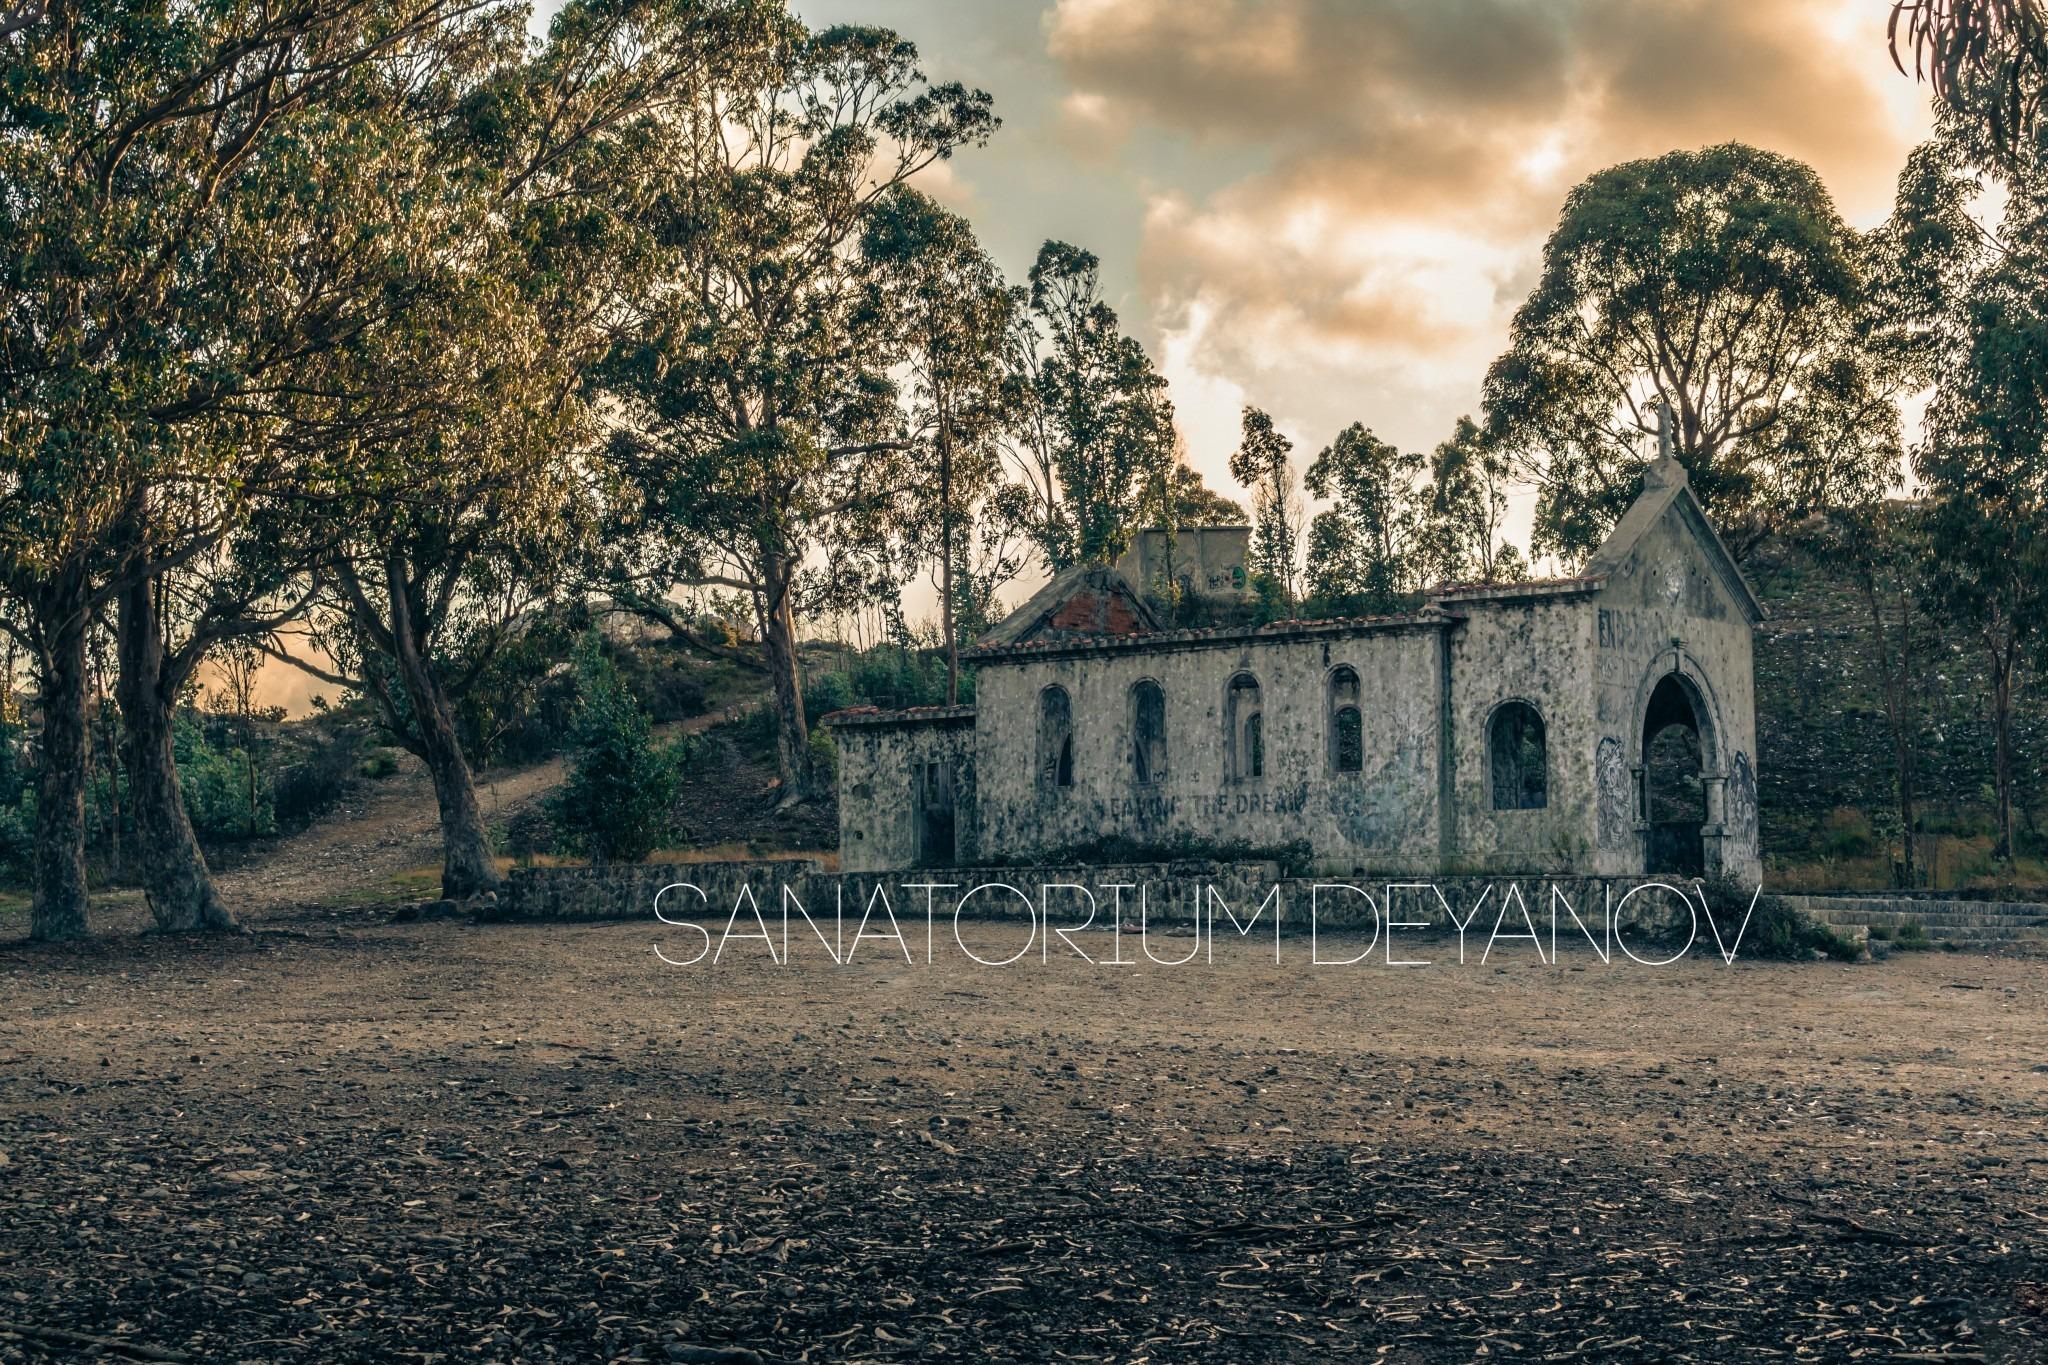 sanatorium-deyanov-0